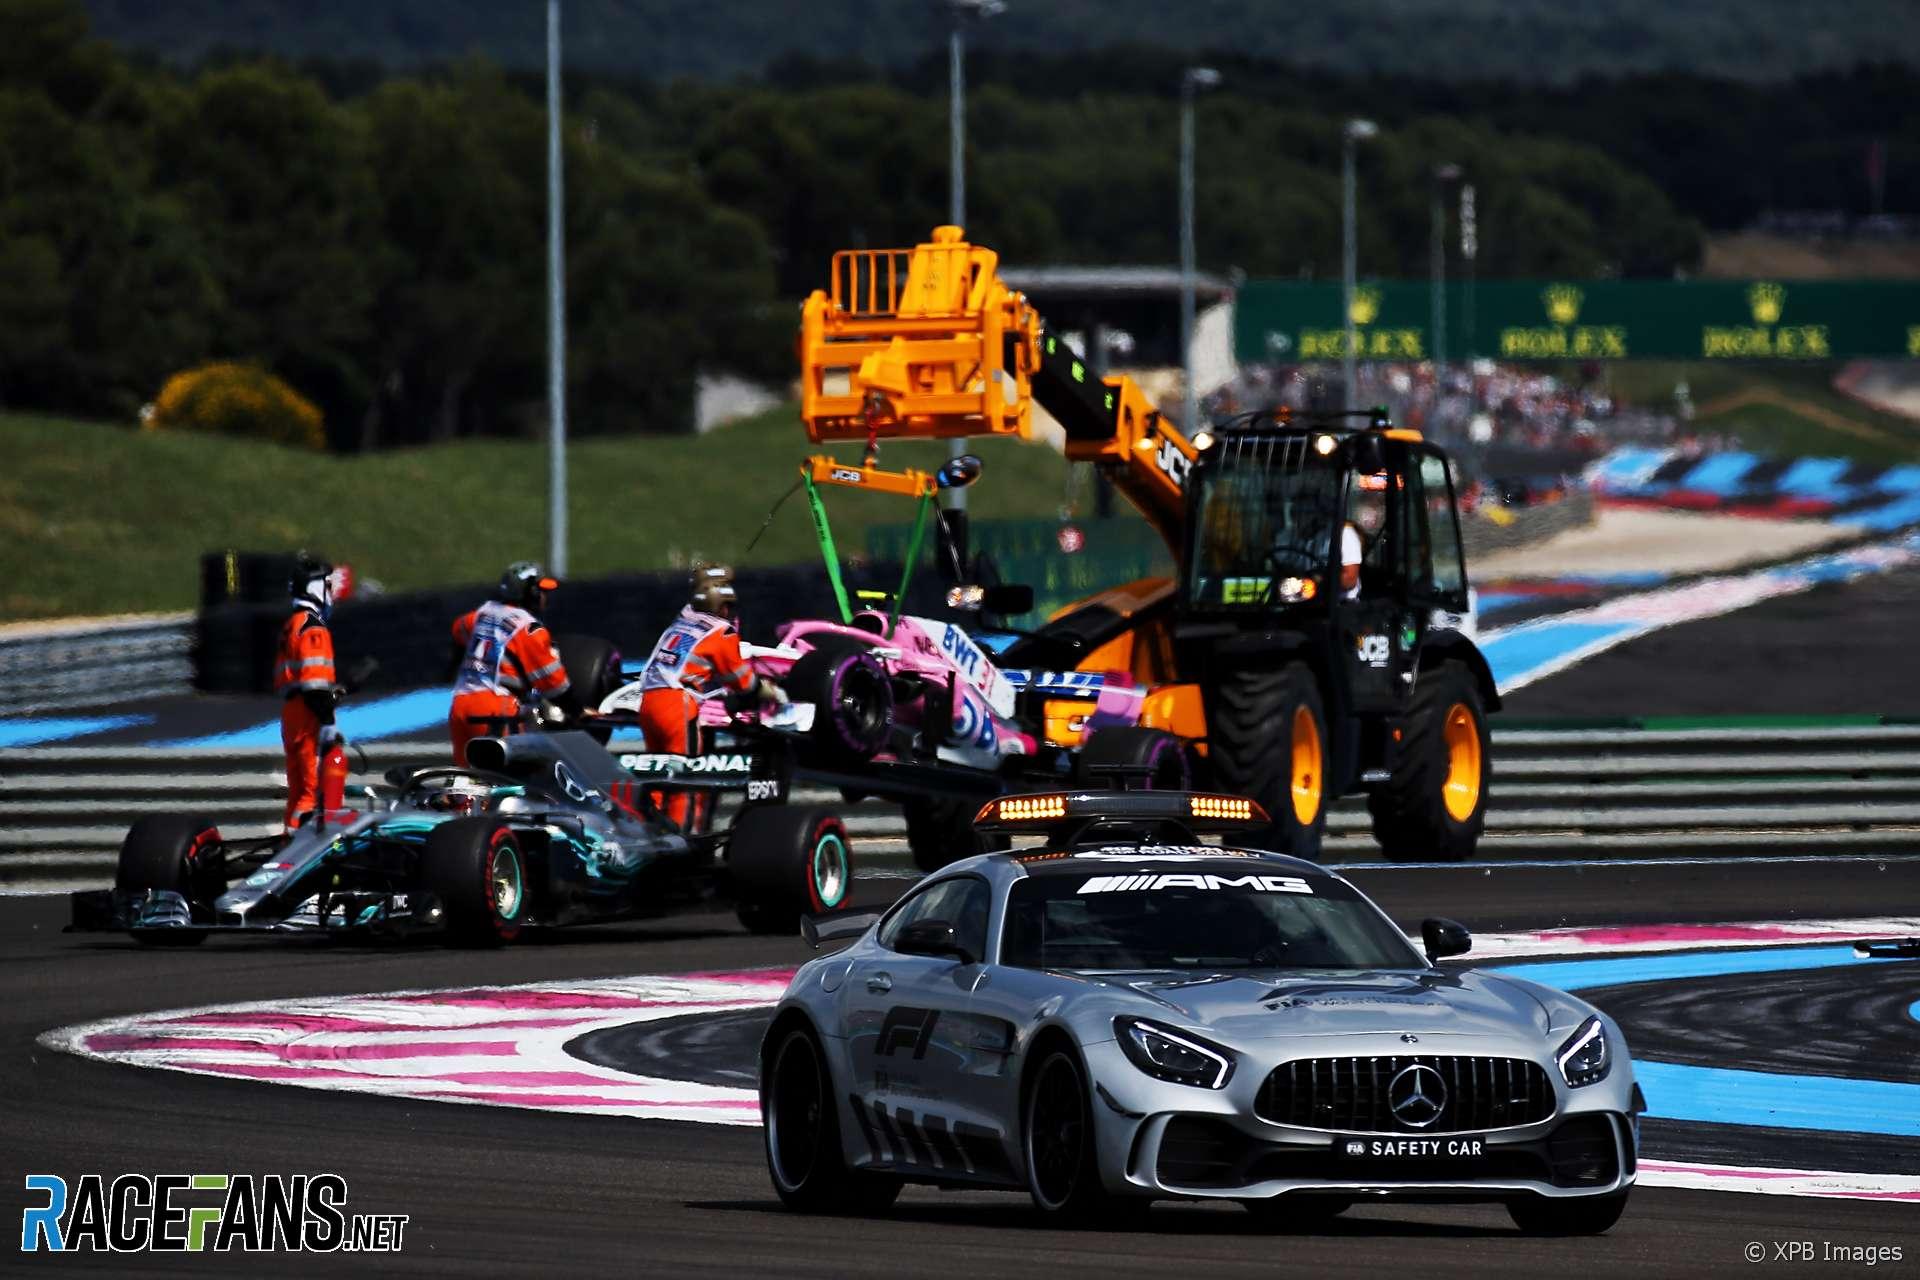 Safety Car, Paul Ricard, 2018